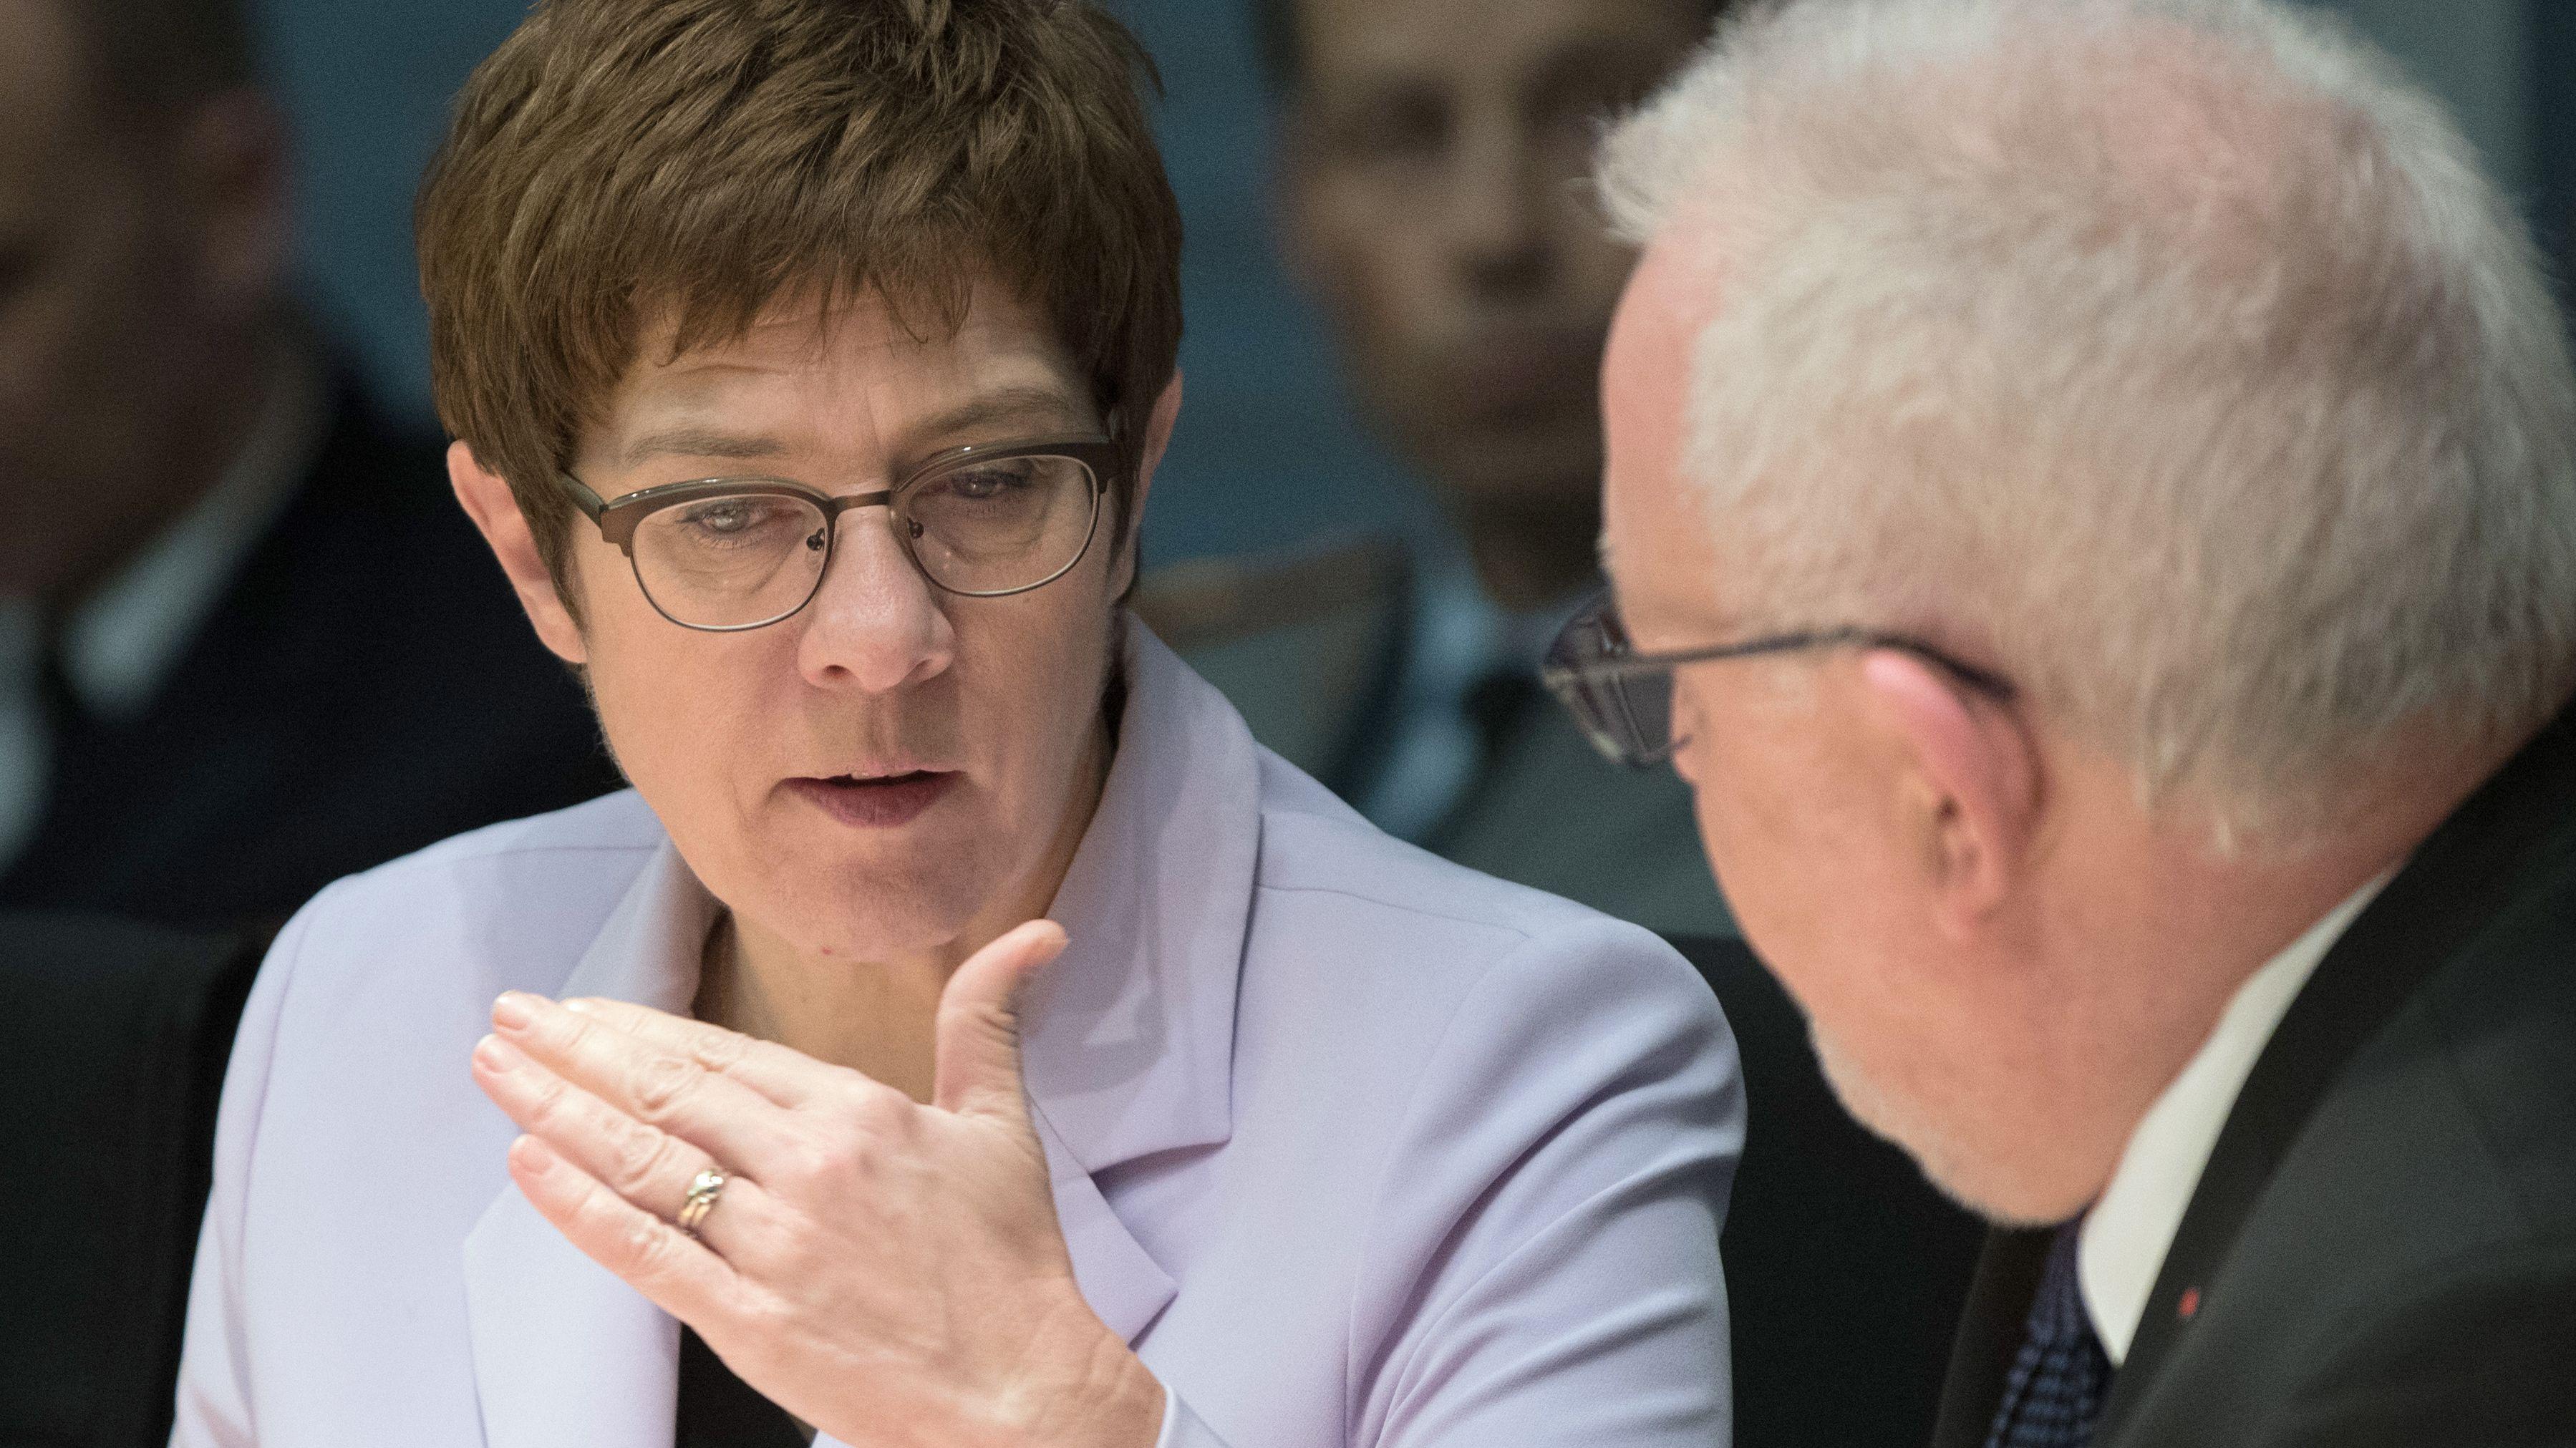 Annegret Kramp-Karrenbauer (CDU), Bundesverteidigungsministerin, und Wolfgang Hellmich (SPD), Vorsitzender des Verteidigungsausschusses